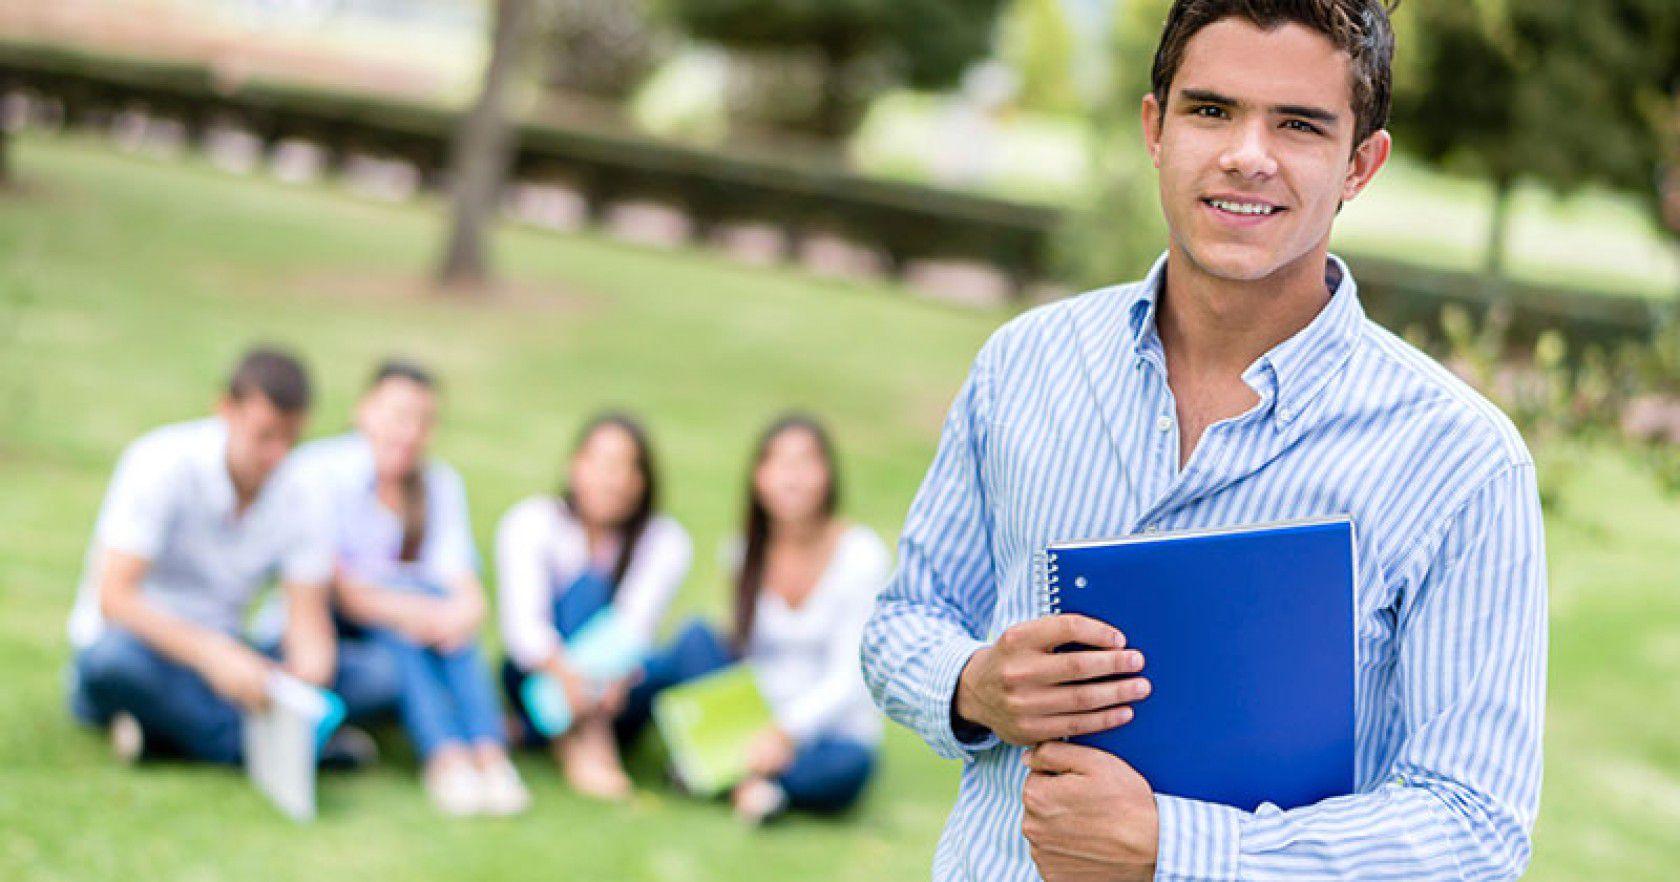 Avustralya Kolej Eğitimi Almak İsteyenleri Bekleyen Süreçler